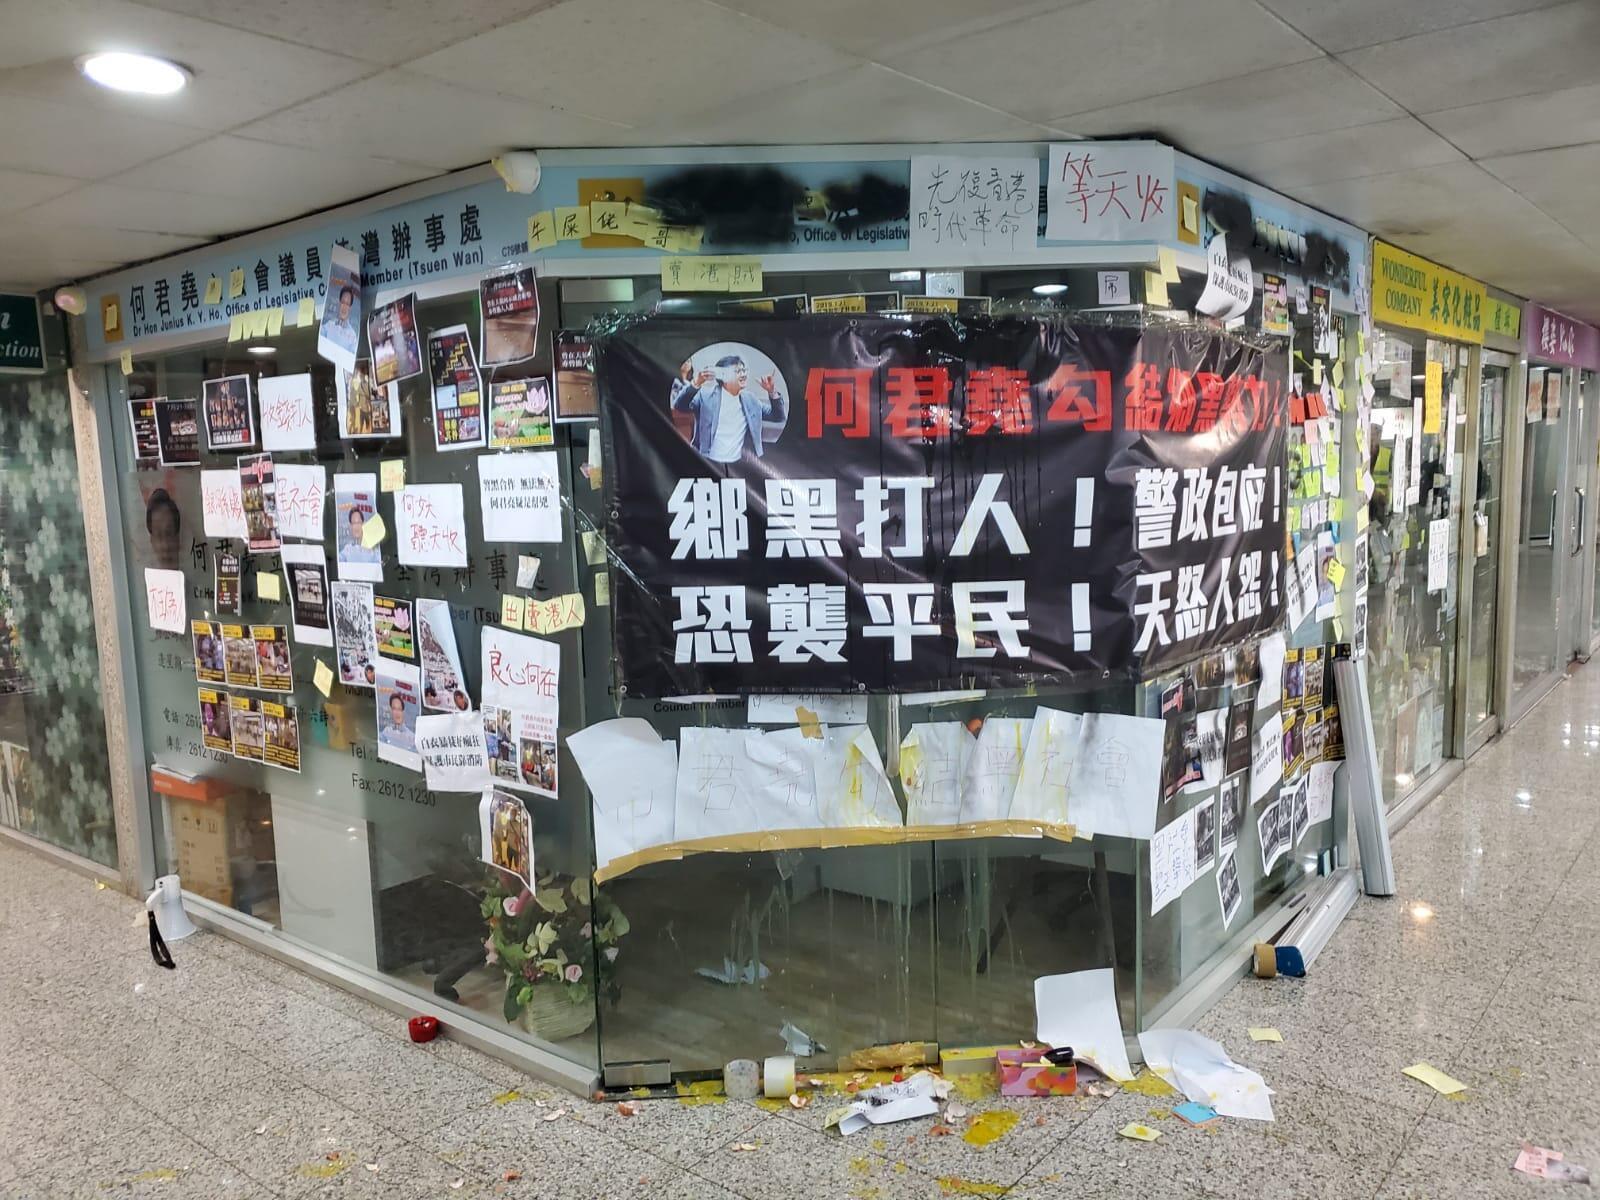 圖為香港建制派議員何君堯辦公服務處2019年7月22日狼藉被砸